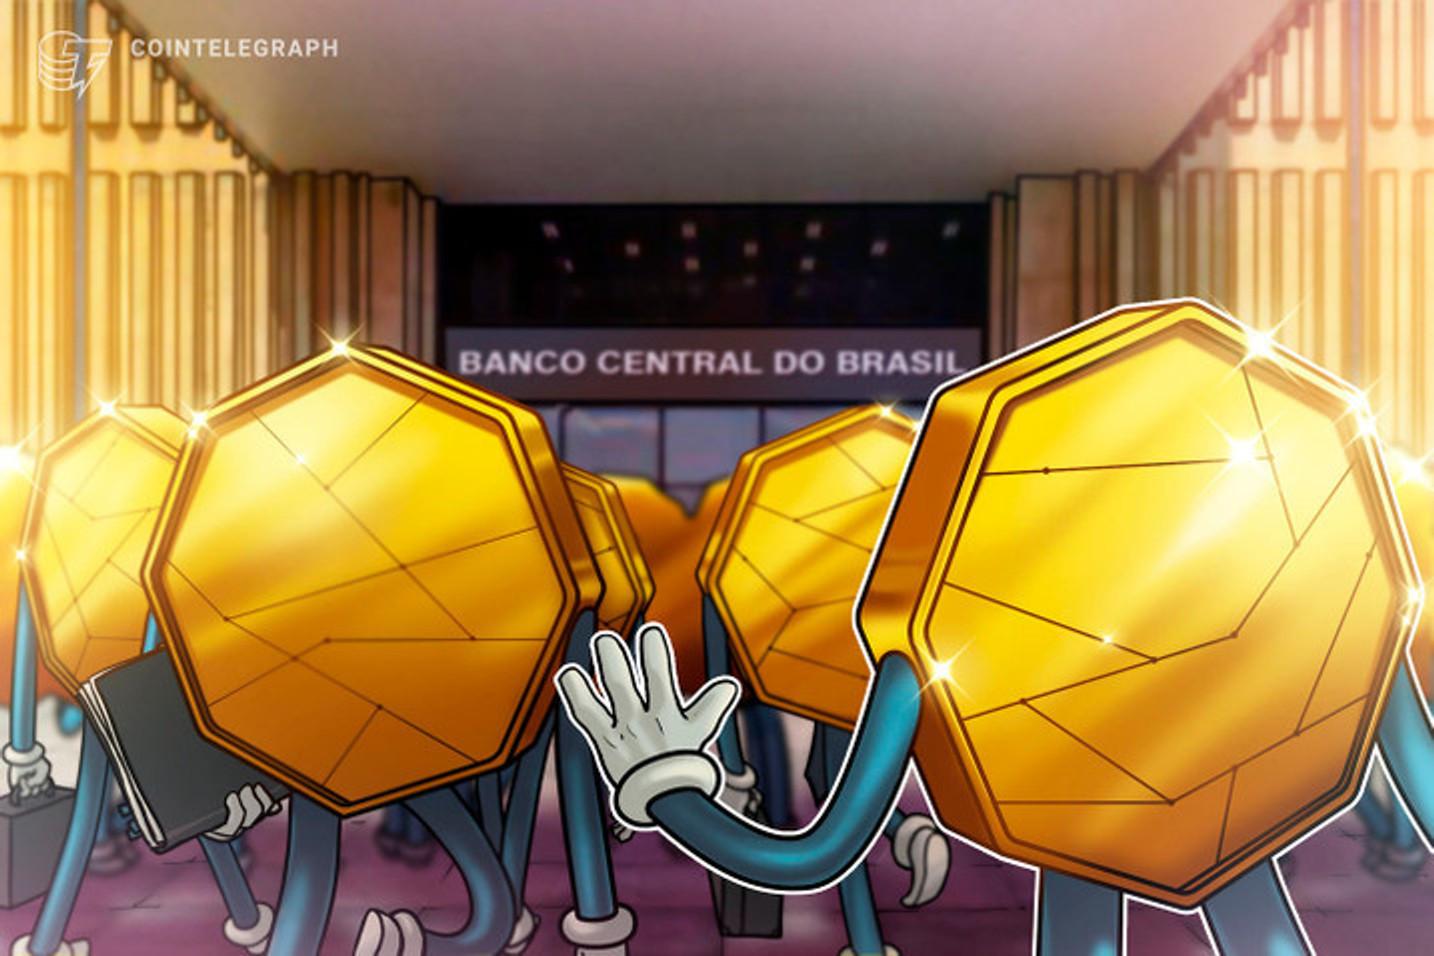 Pix vai oferecer operações de crédito em 2021 e 'brigar' com Visa e Mastercard, anuncia Banco Central